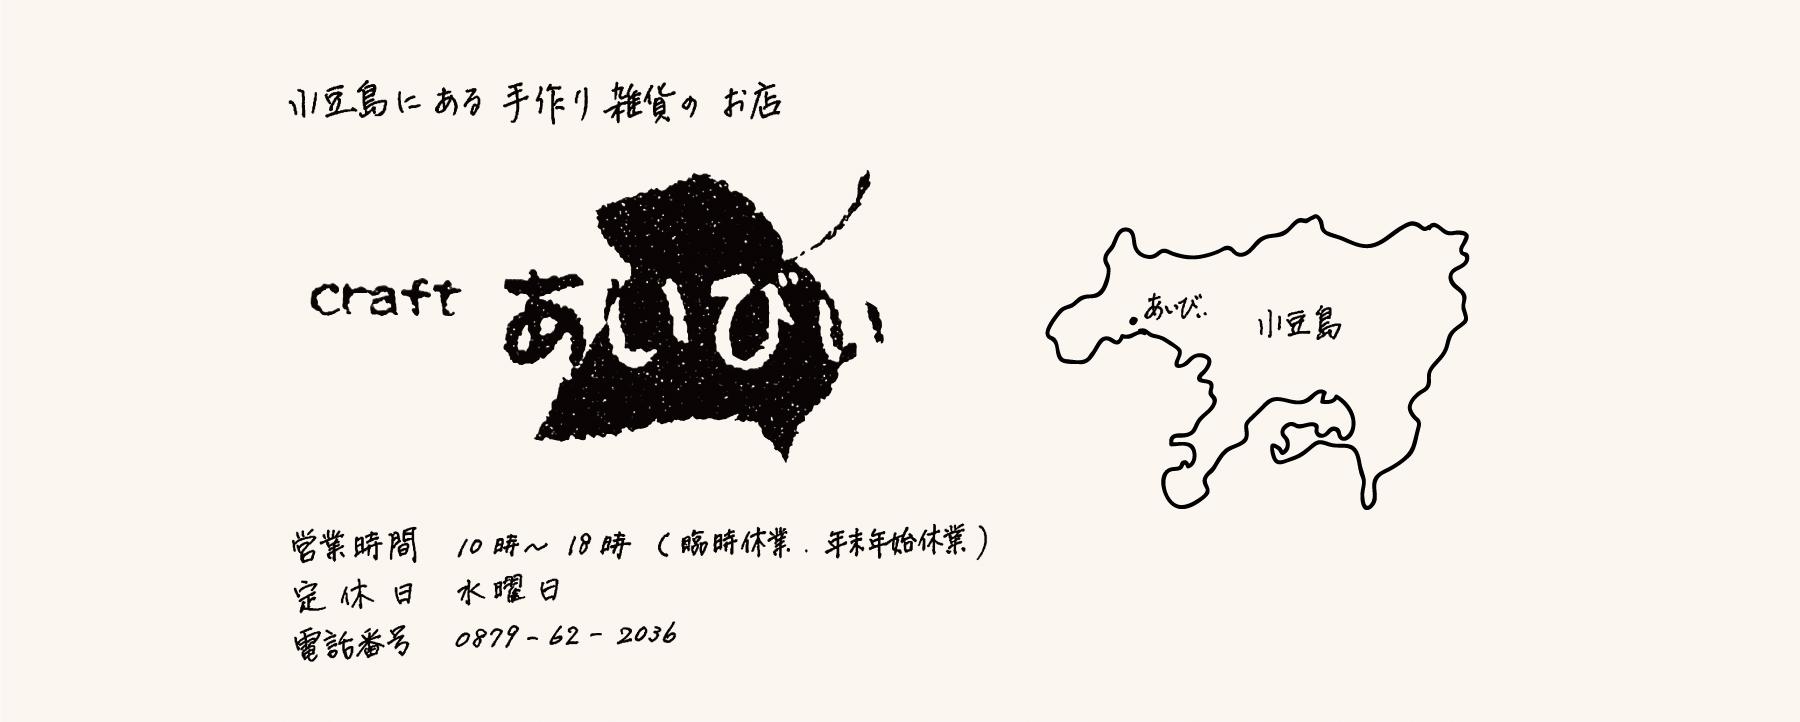 小豆島にある手作り雑貨のお店 craft あいびぃ 営業時間 10時~18時(年末年始休業、臨時休業)定休日 水曜日